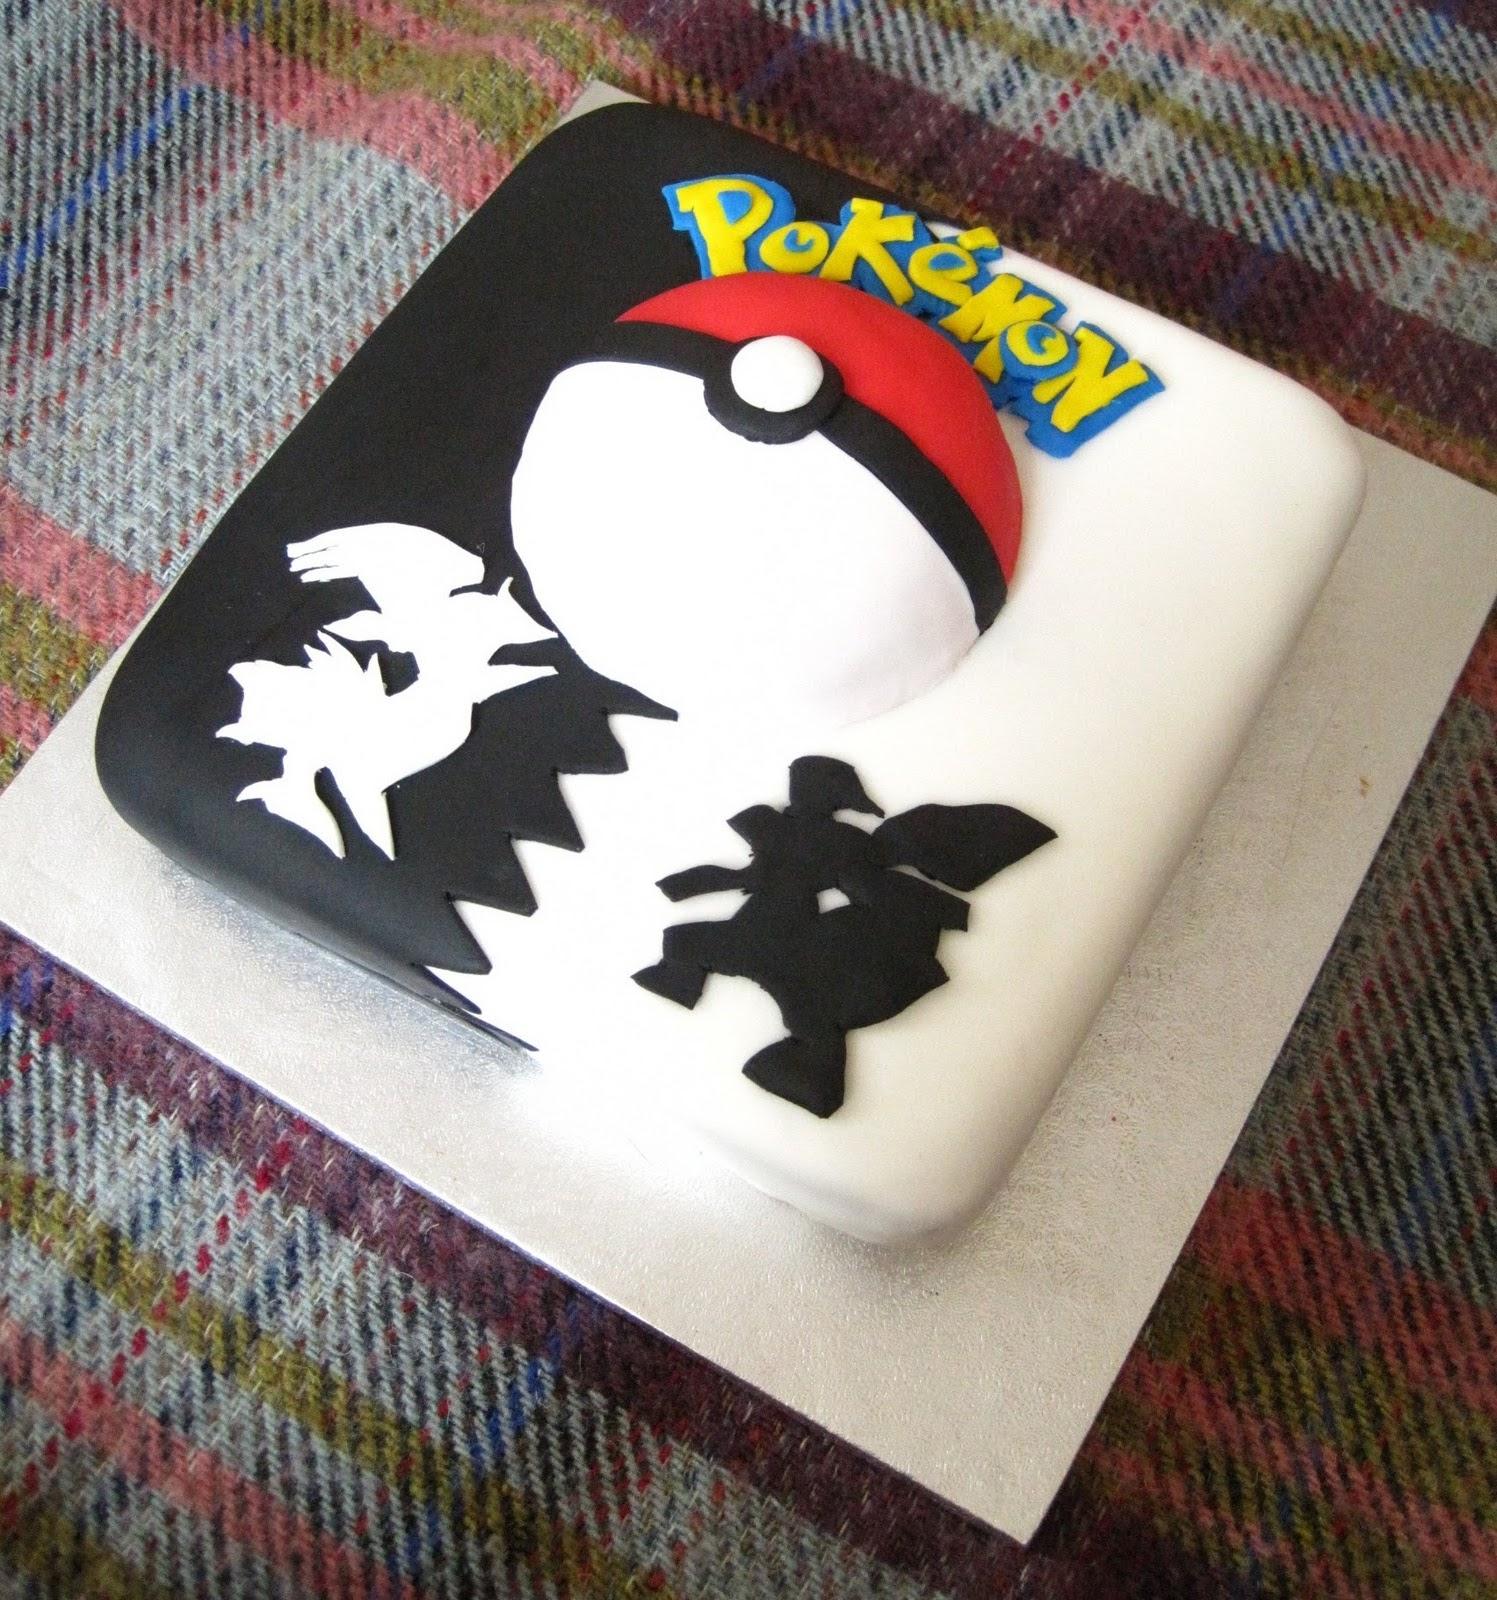 ¡Feliz 12avo cumpleaños Pokémex!